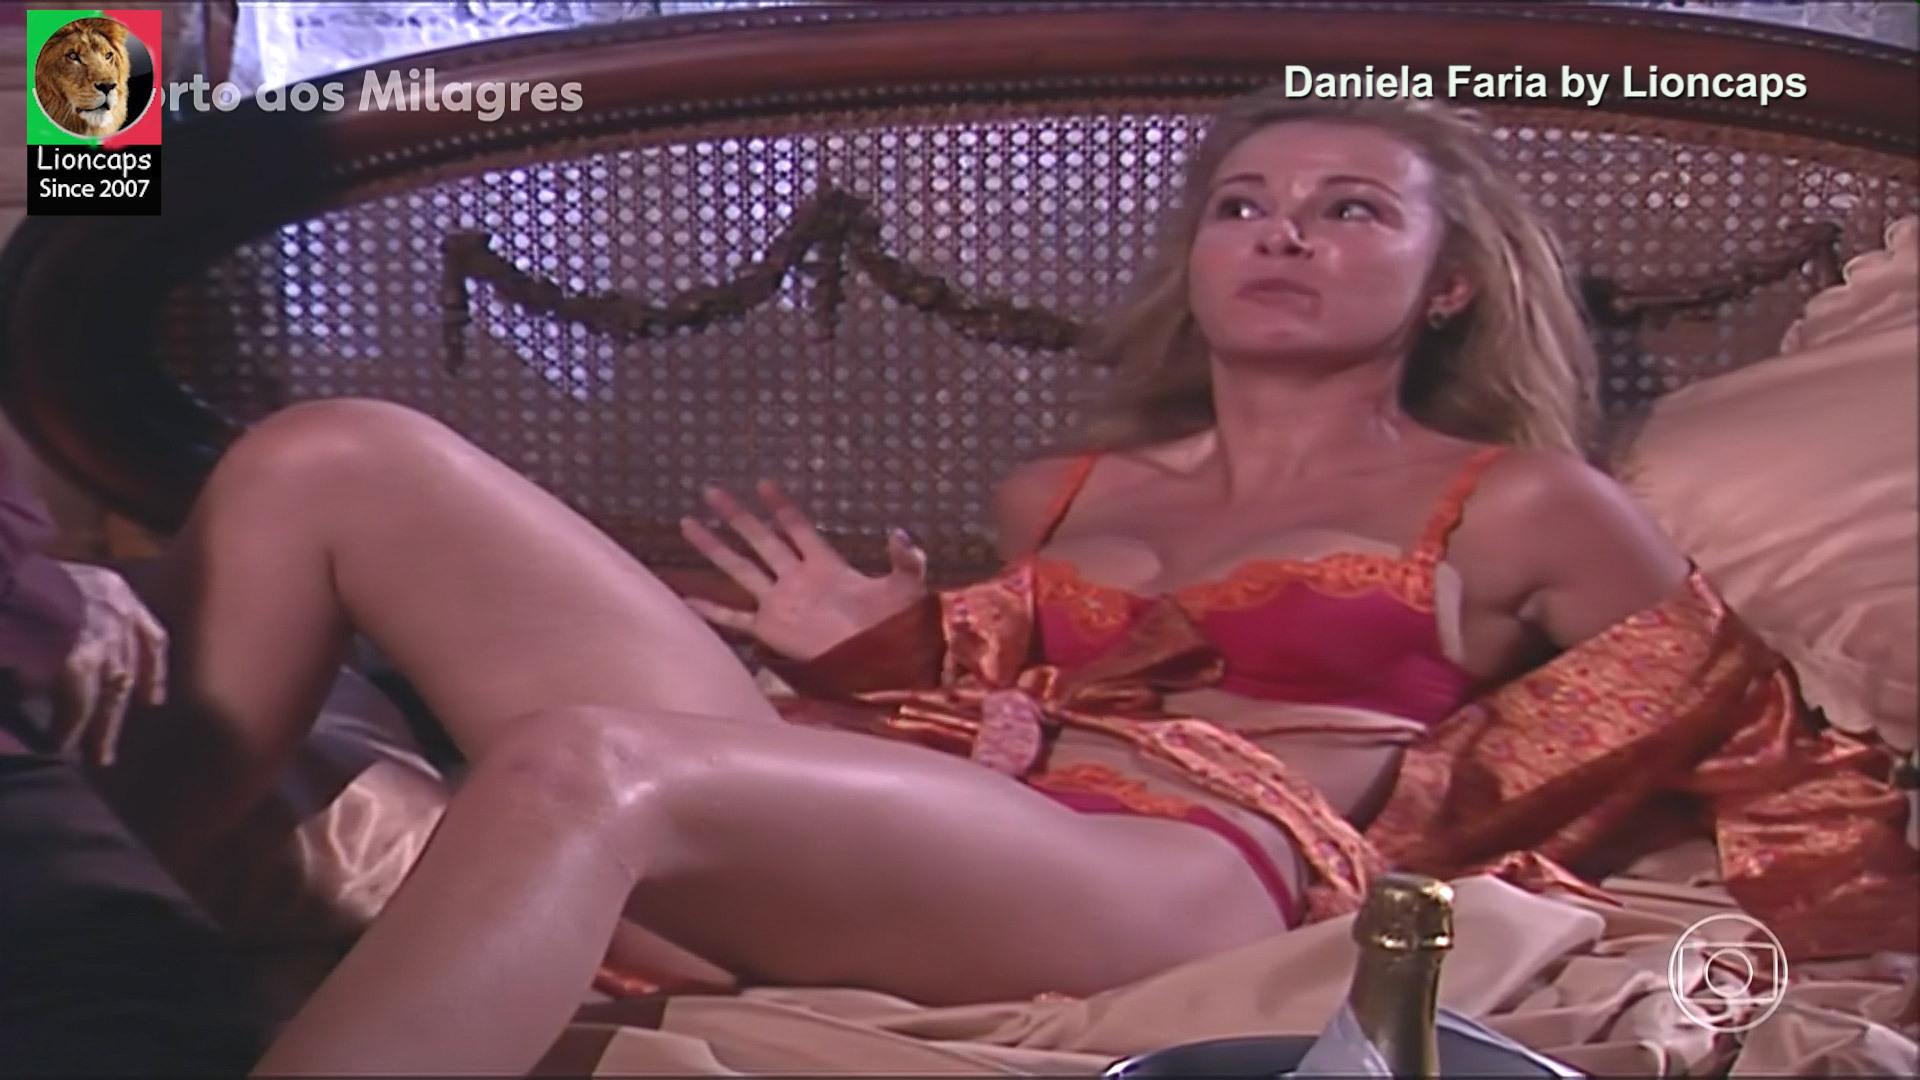 daniela_faria (25).jpg